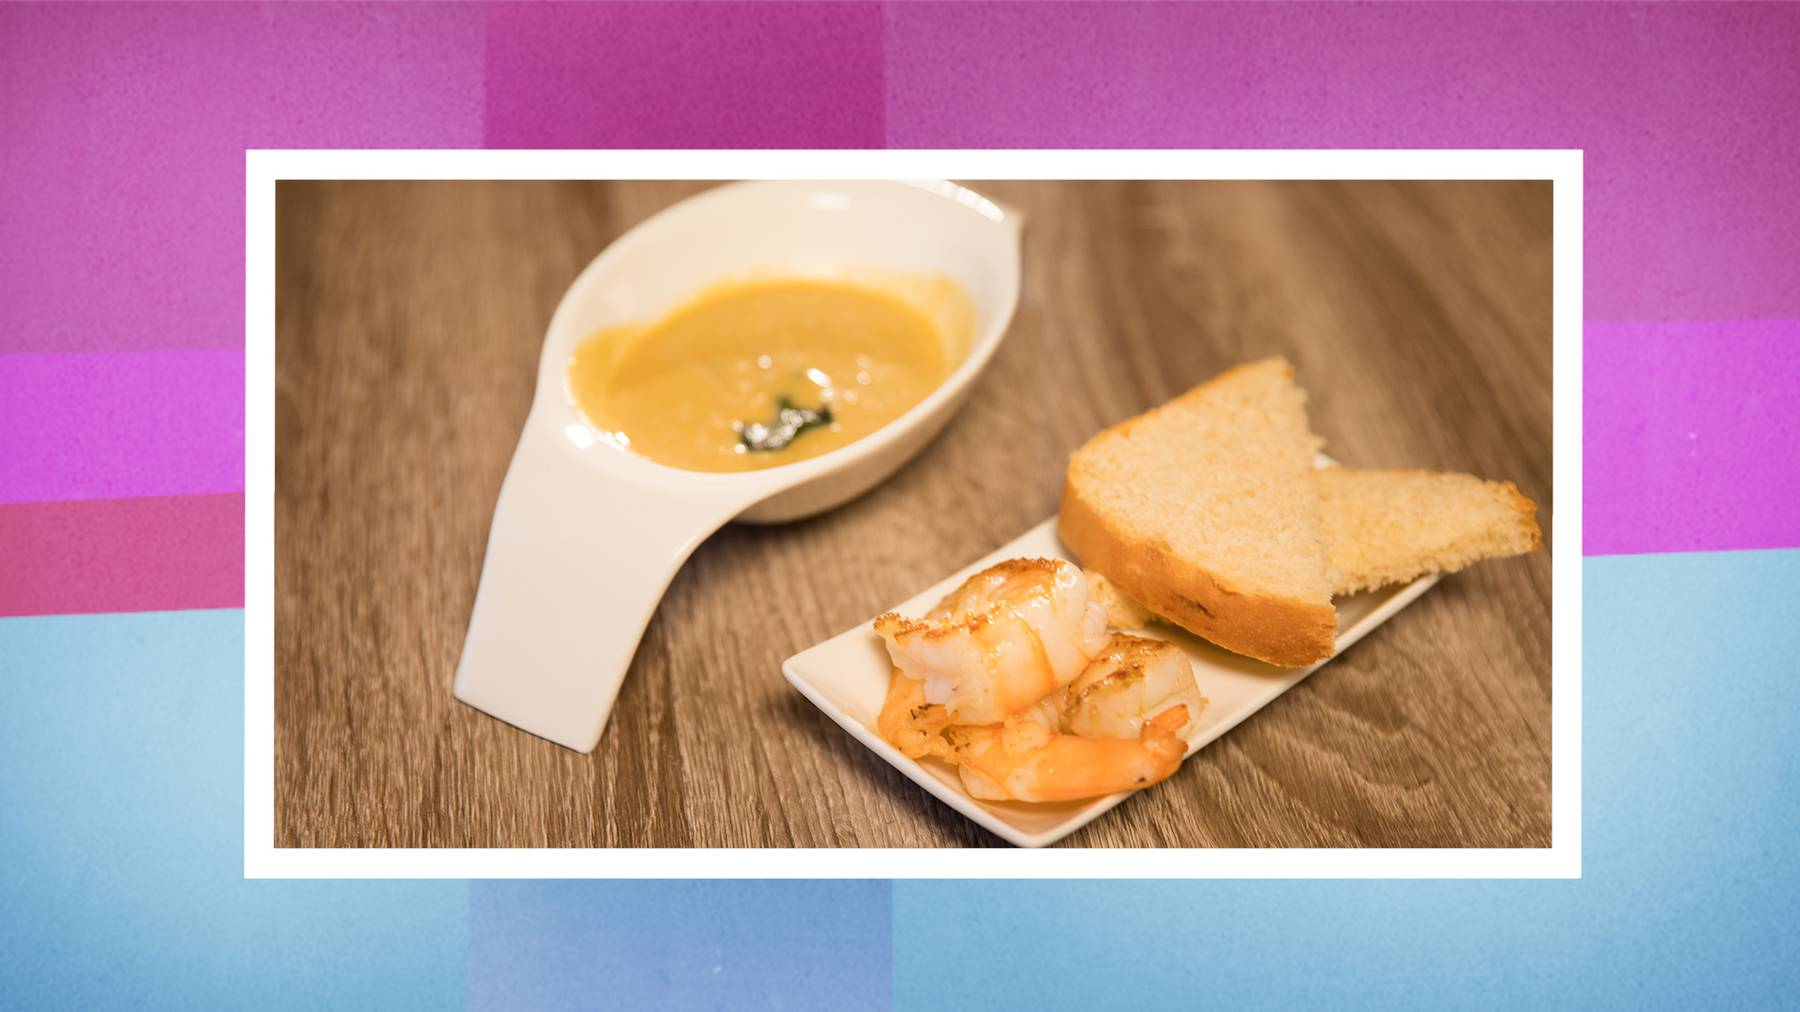 Die Vorspeise: Kichererbsen-Suppe mit Toastbrot, Moscardini und sautierte Garnelen-Schwänze